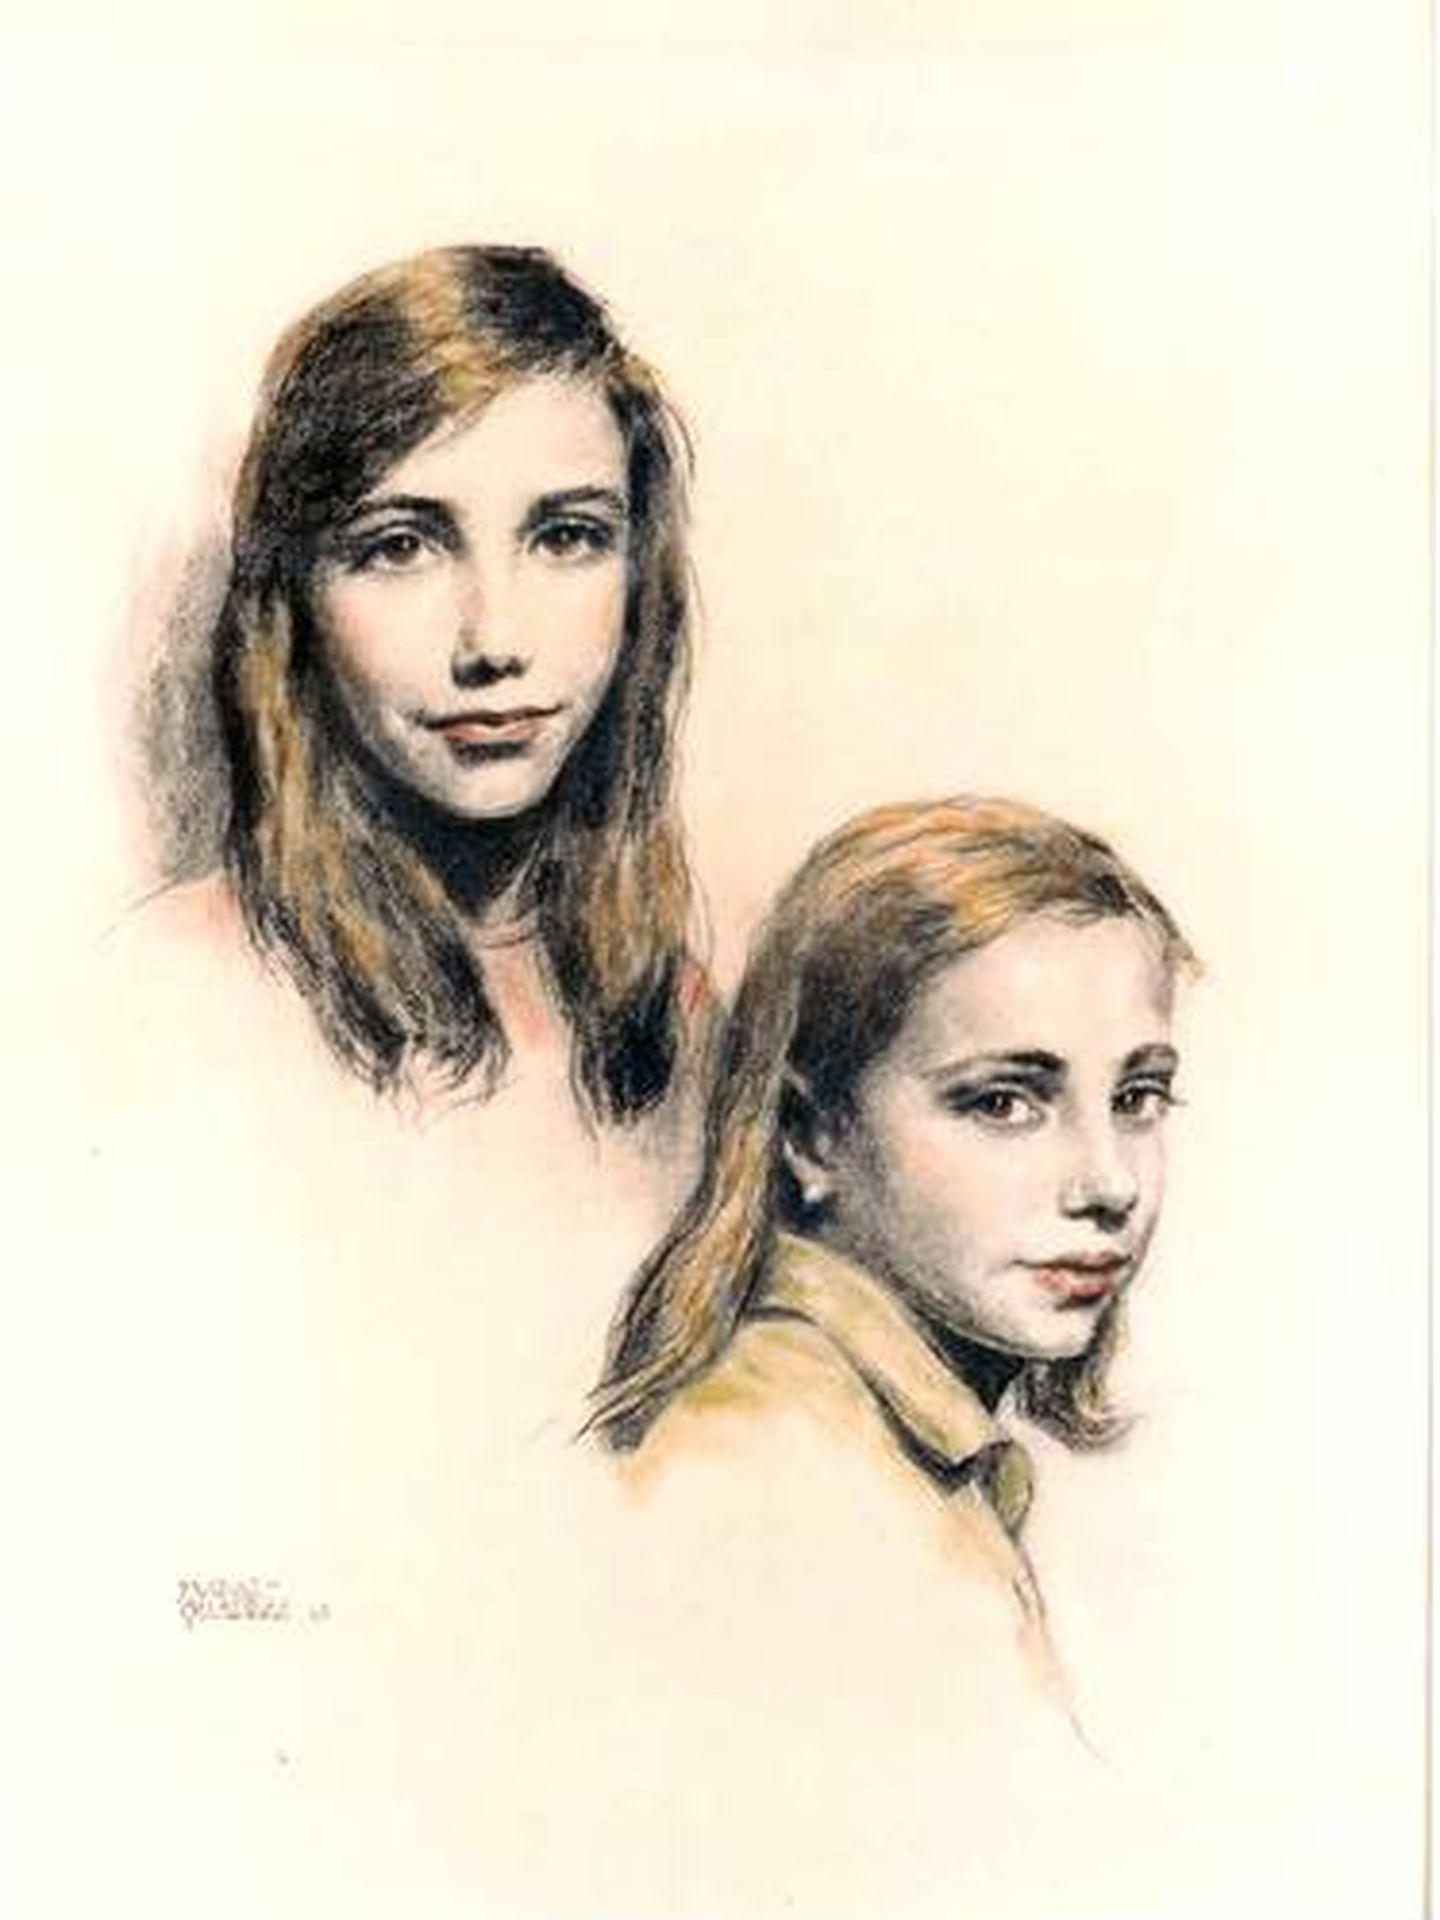 Elena y Alicia Daurella de Aguilera, de pequeñas, pintadas por el artista Alejo Vidal-Quadras. (Cortesía)